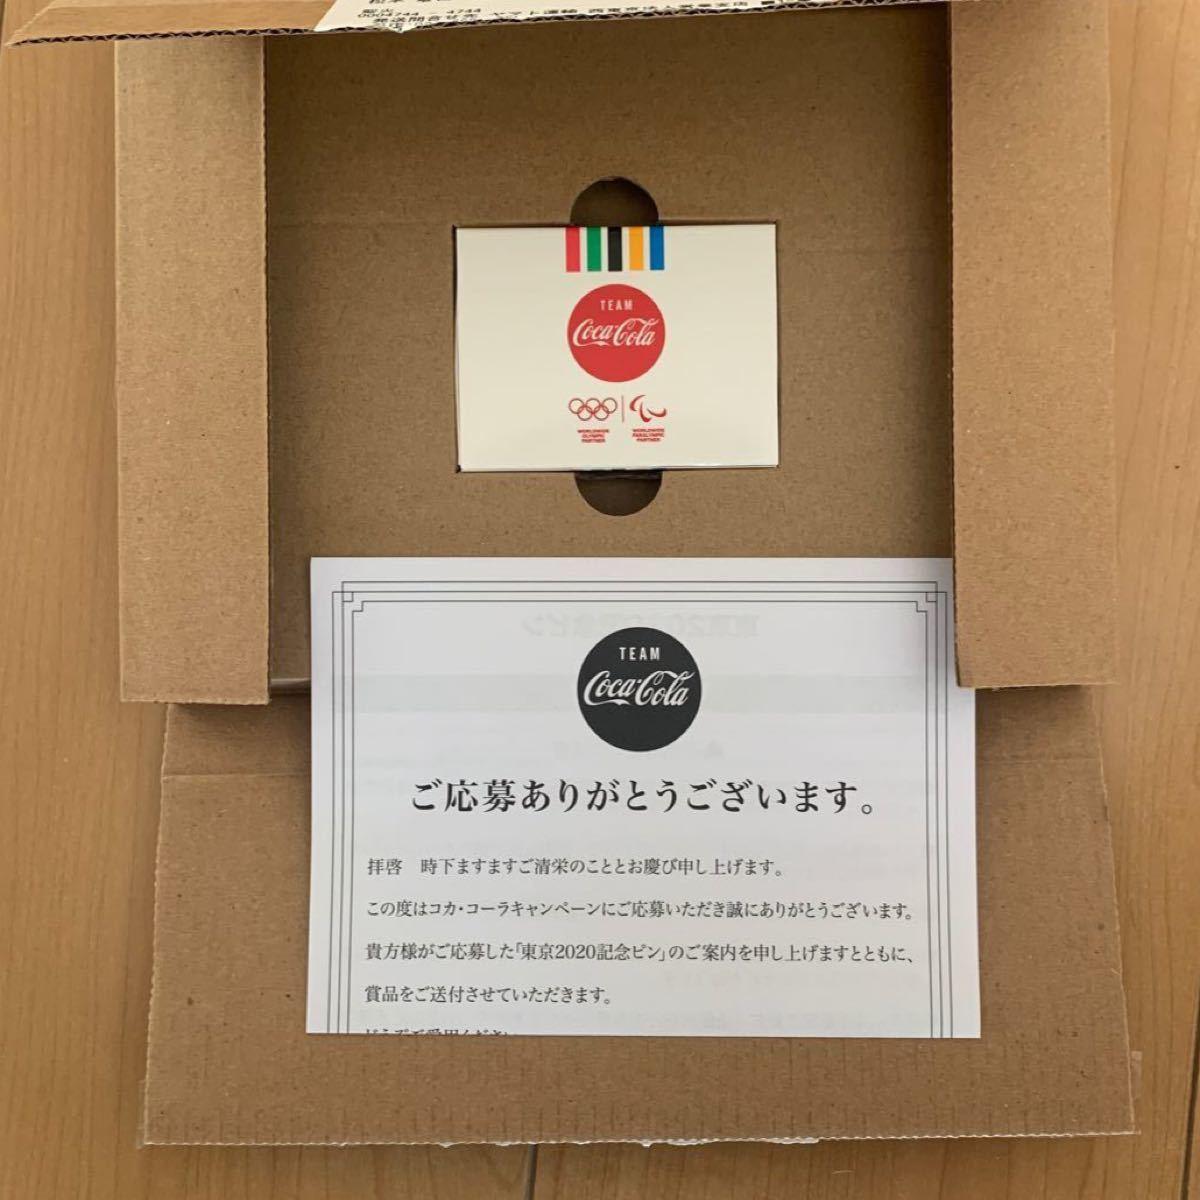 東京オリンピック ピンバッジ コカコーラ 聖火